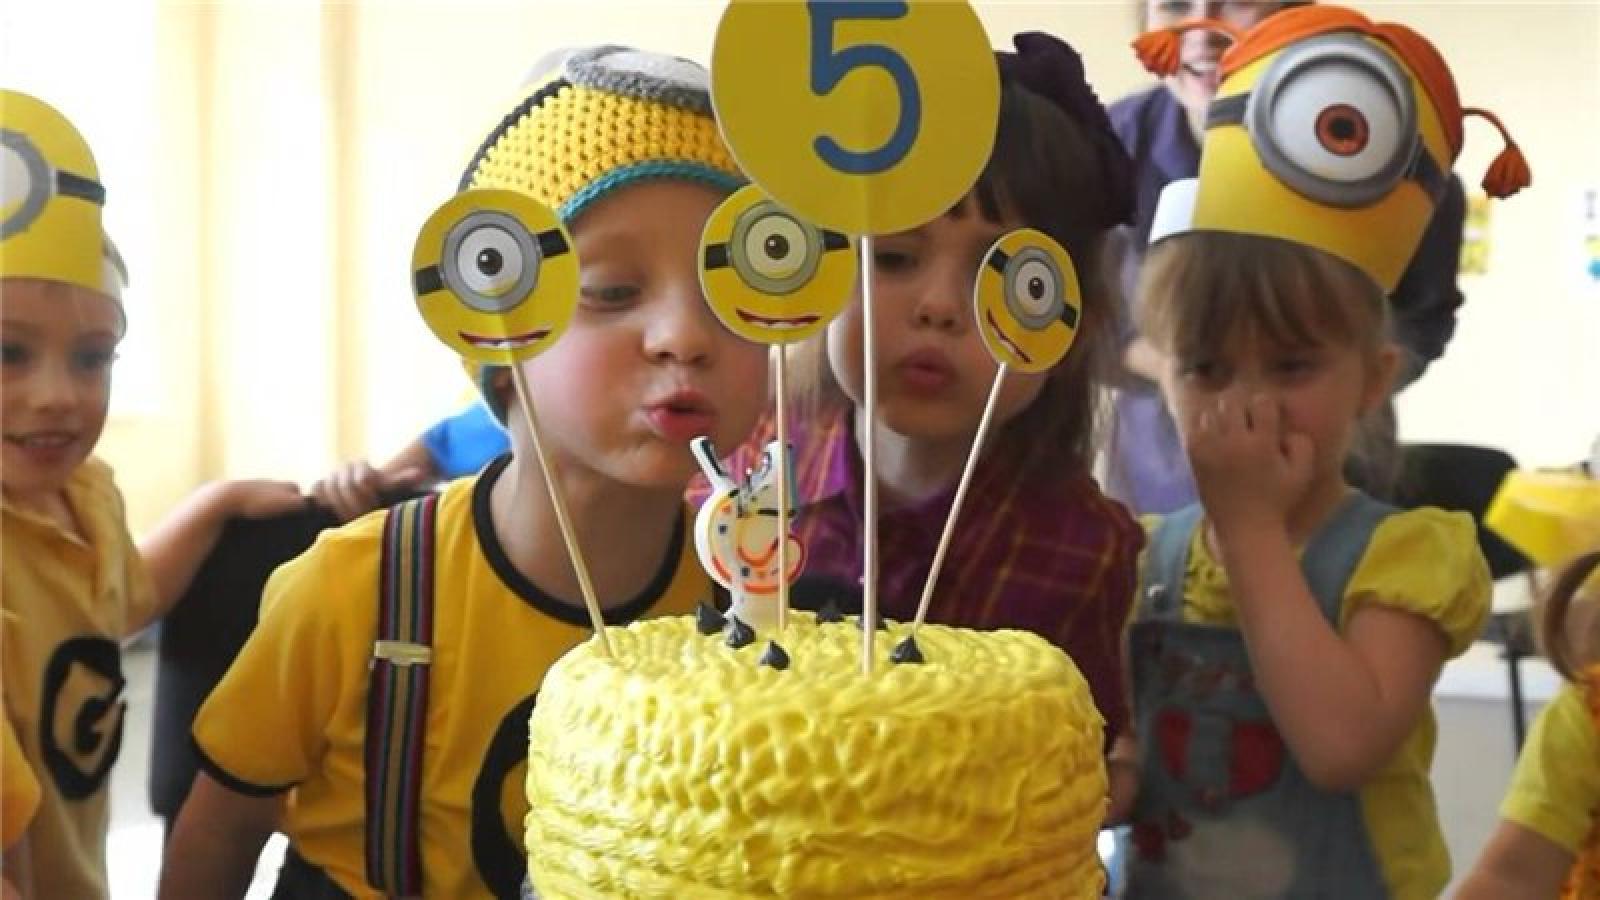 дом построите(((условия день рождения миньоны 10 лет игры: доставщик пиццы